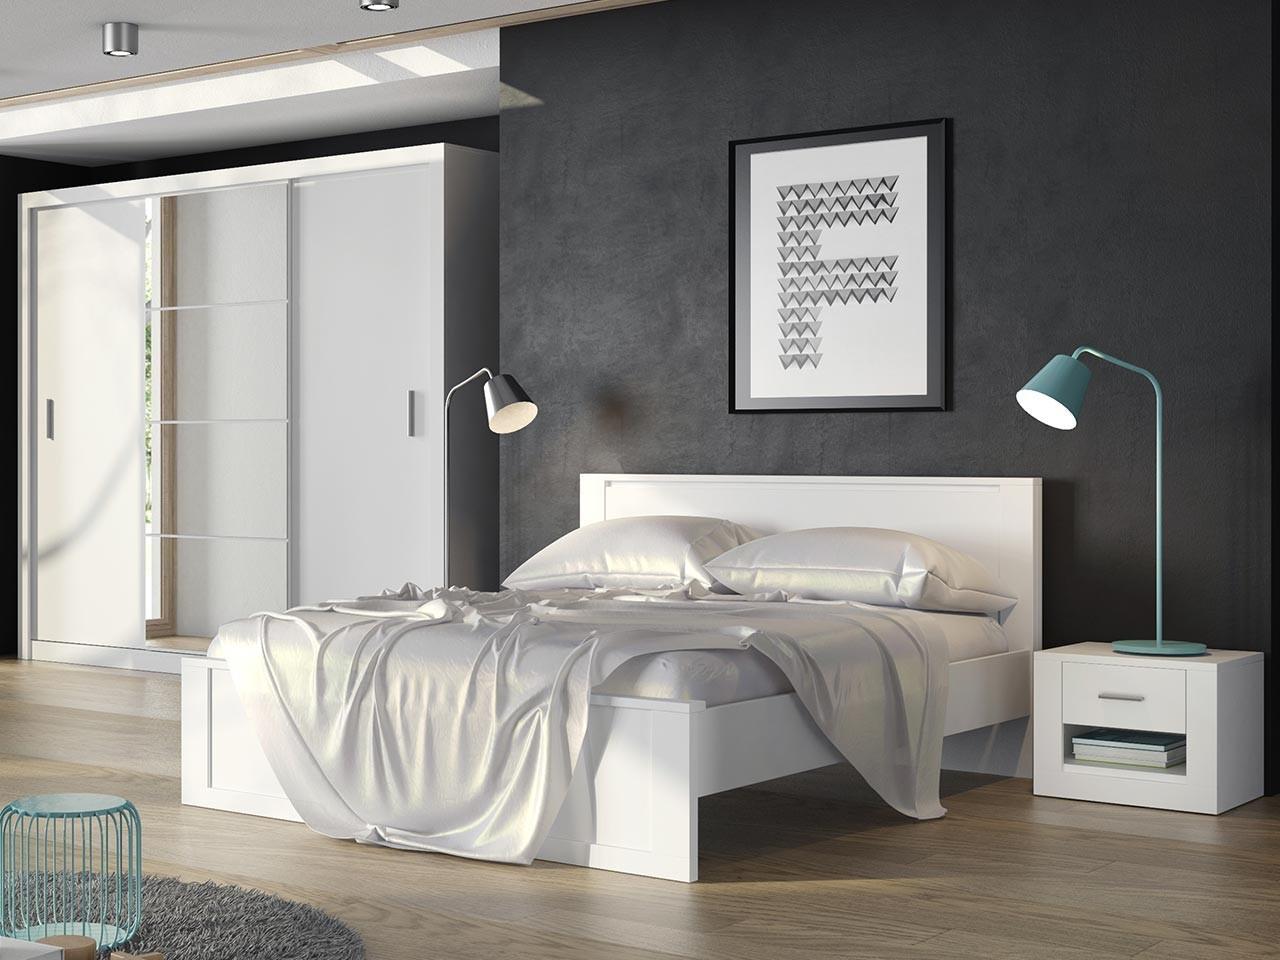 Schlafzimmer-Set Jever V - x-moebel16